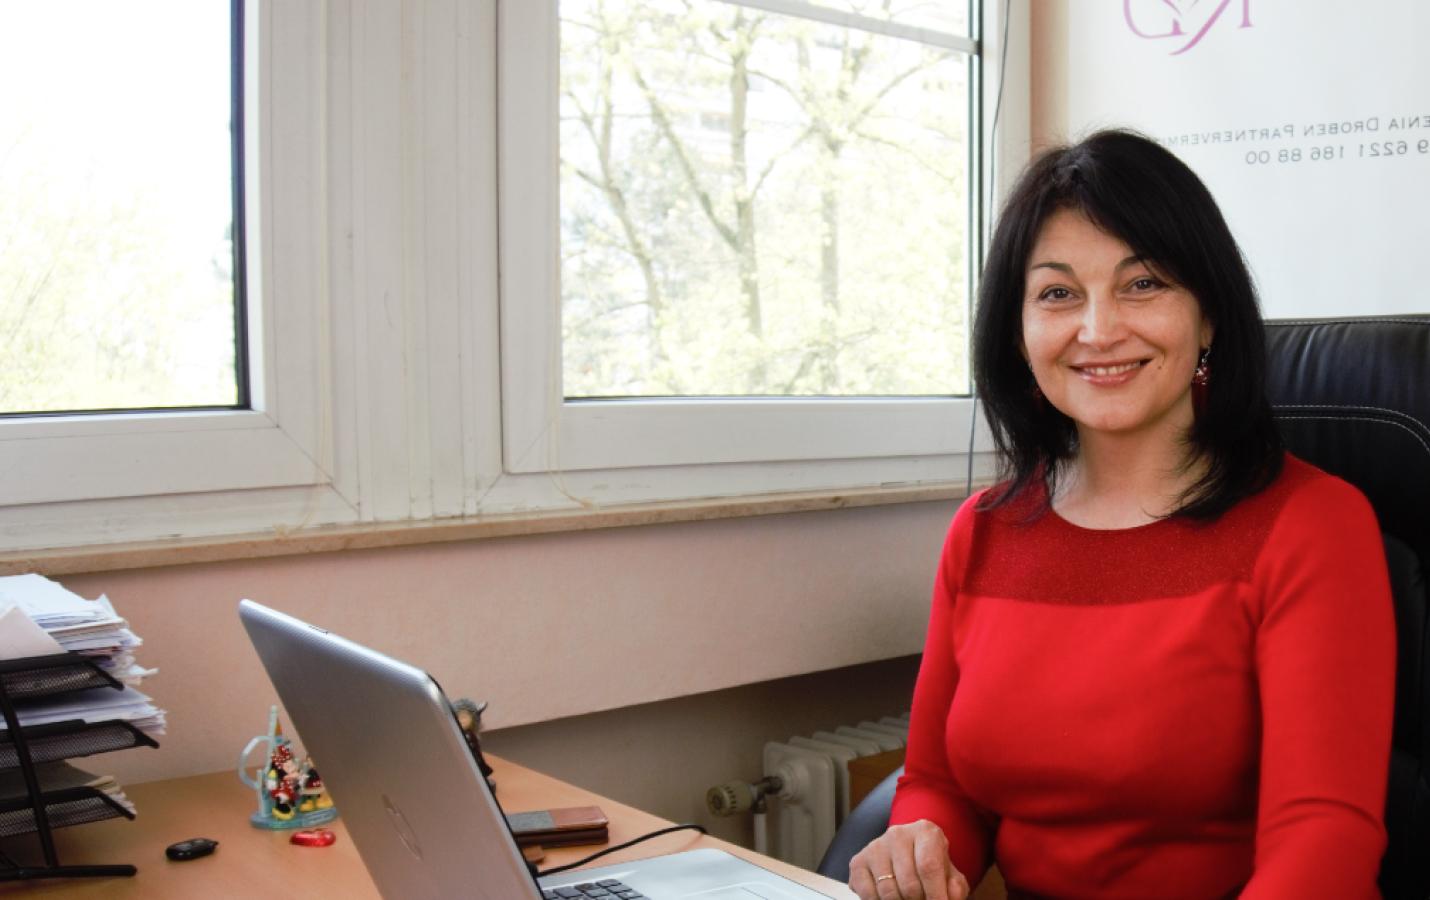 Frau aus Ukraine treffen